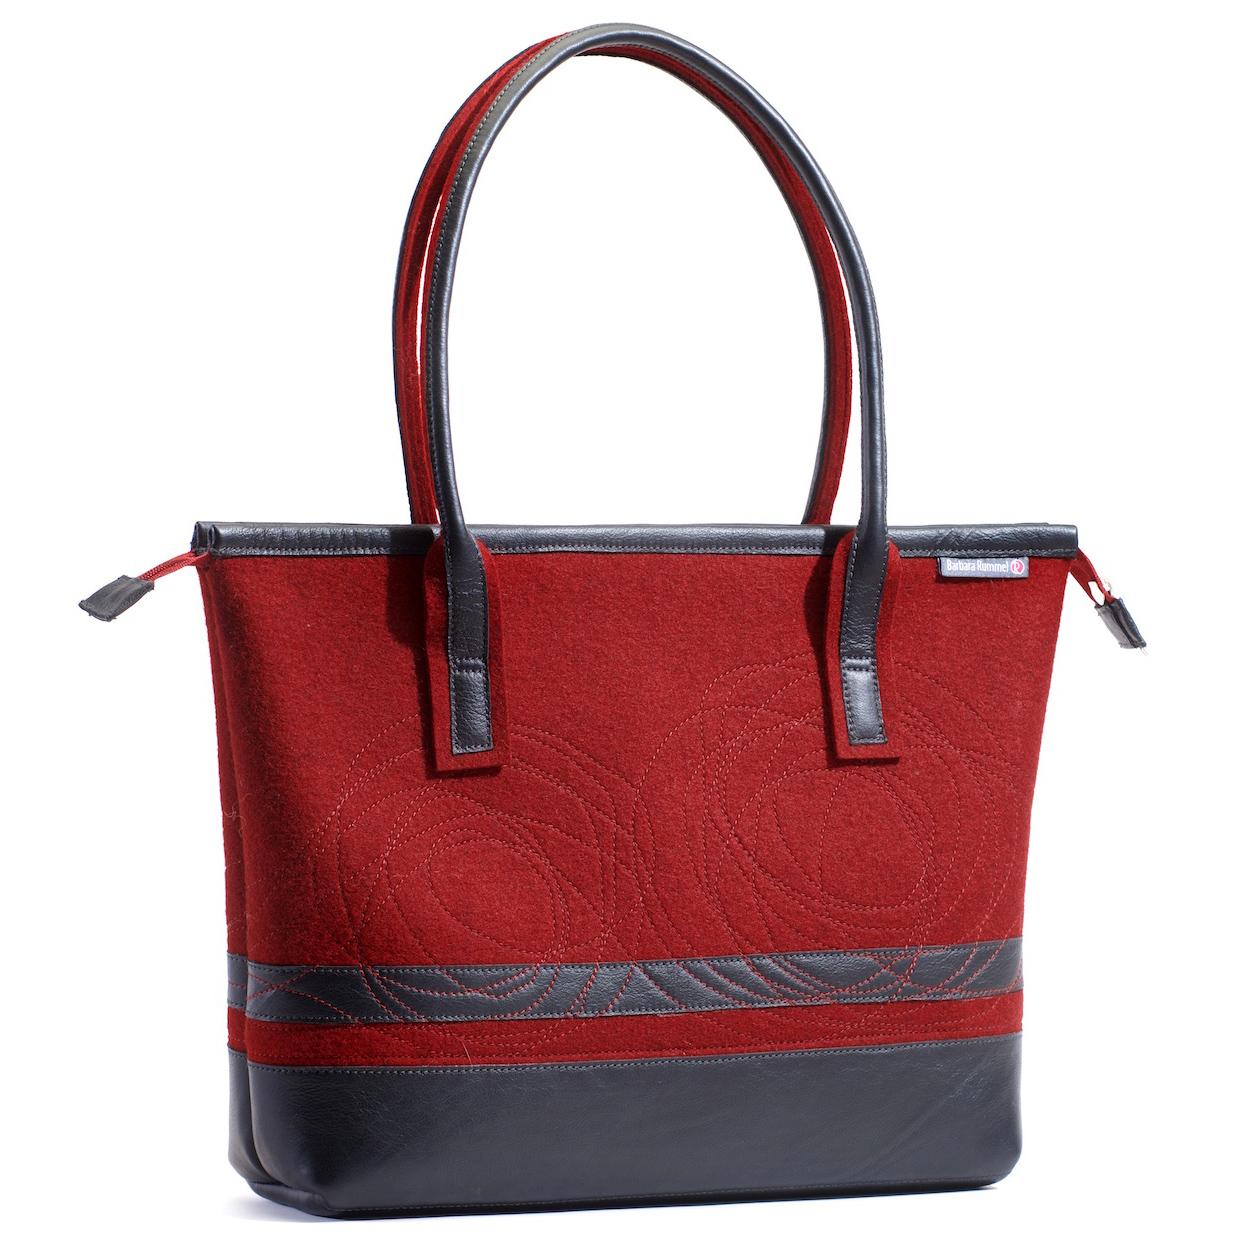 Handtasche Thea in Kirsch-Schwarz